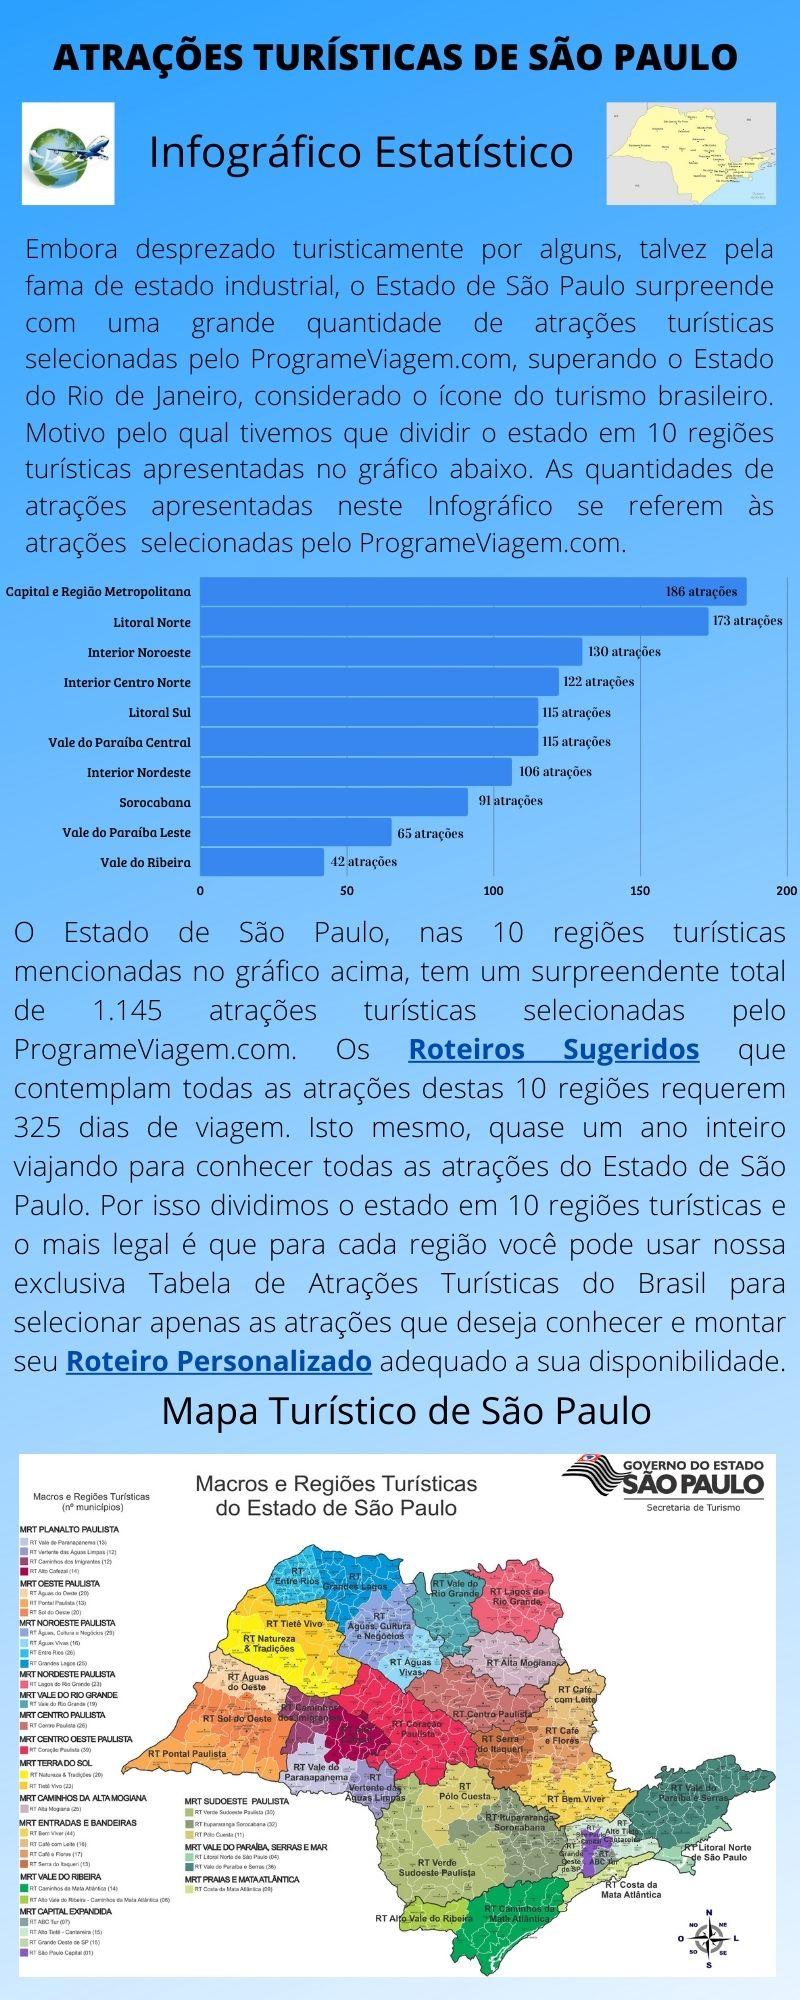 Infográfico Atrações Turísticas de São Paulo